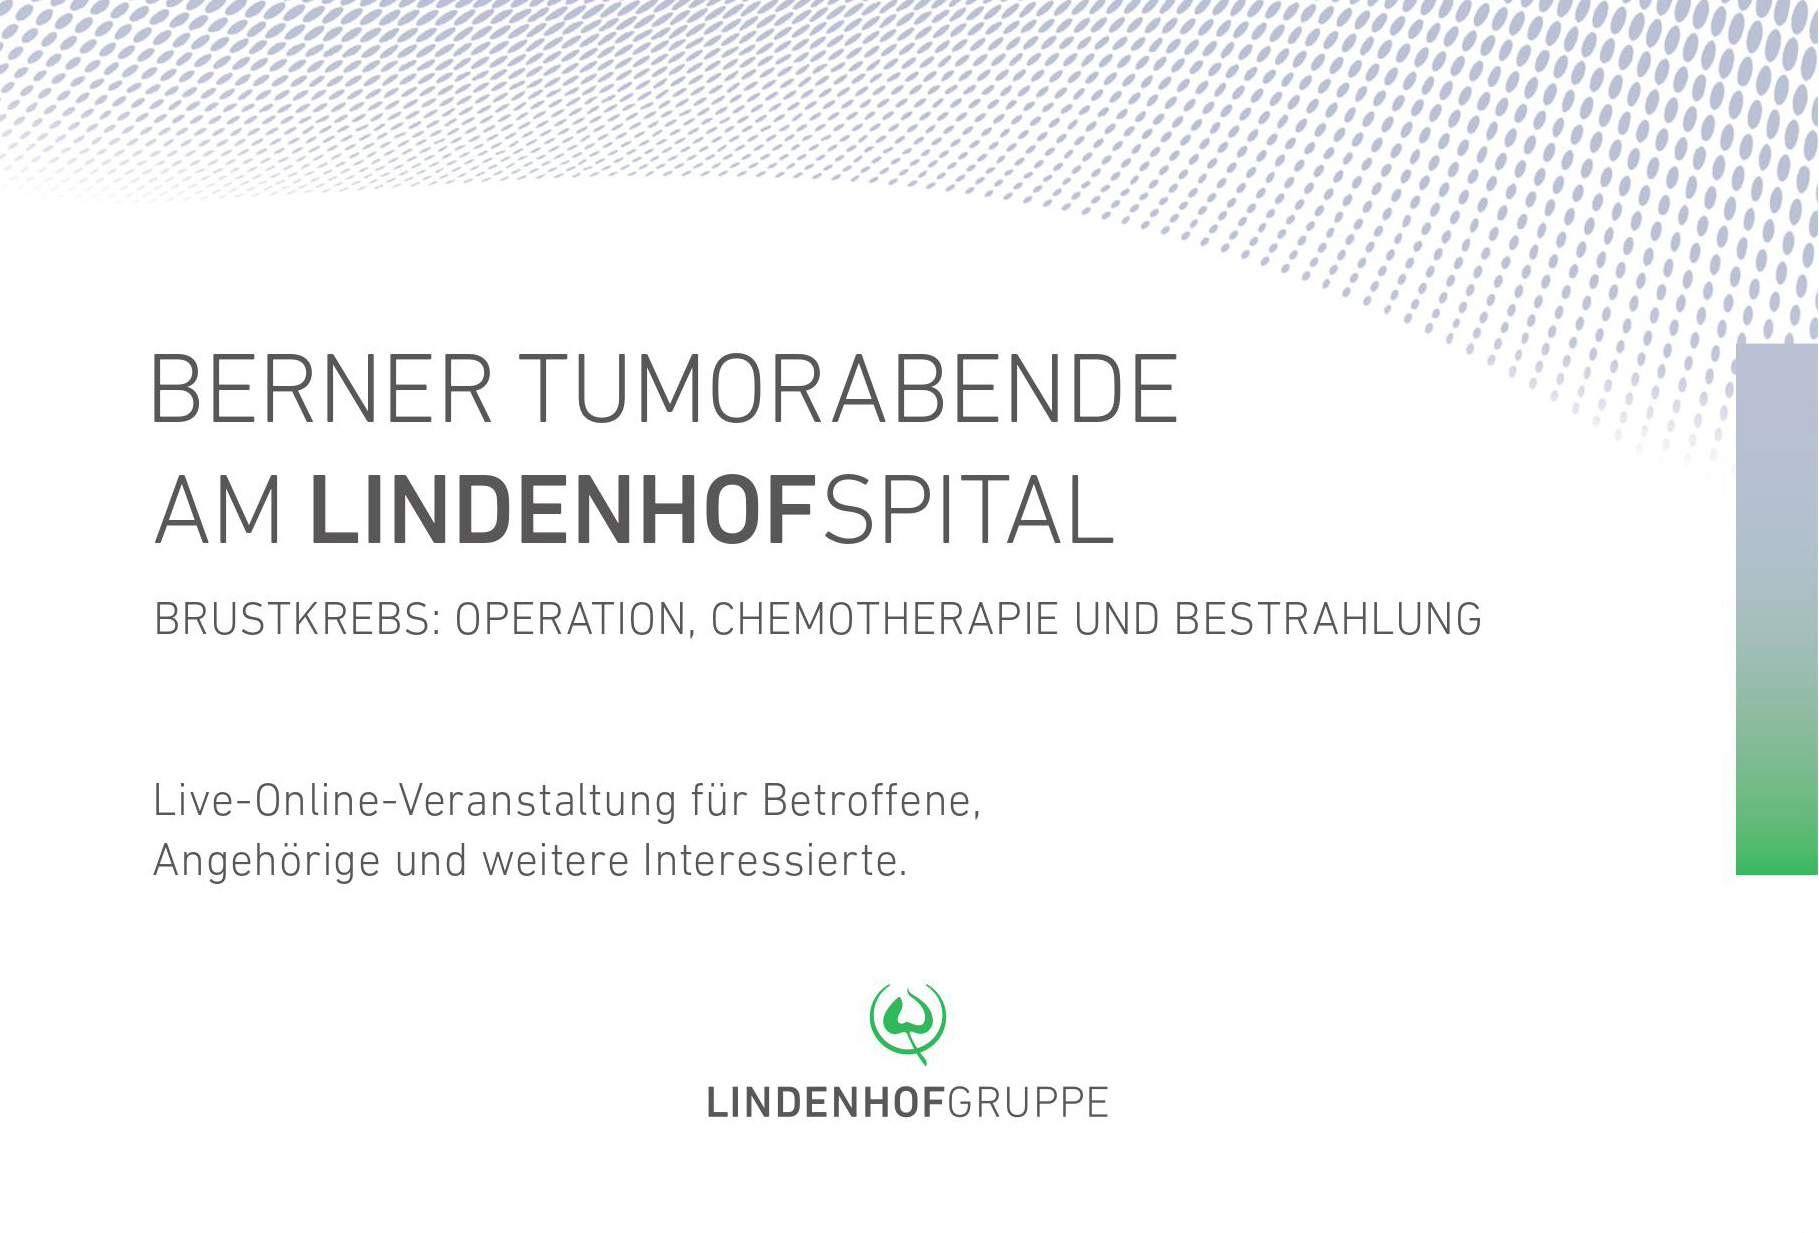 Berner Tumorabende am Lindenhofspital